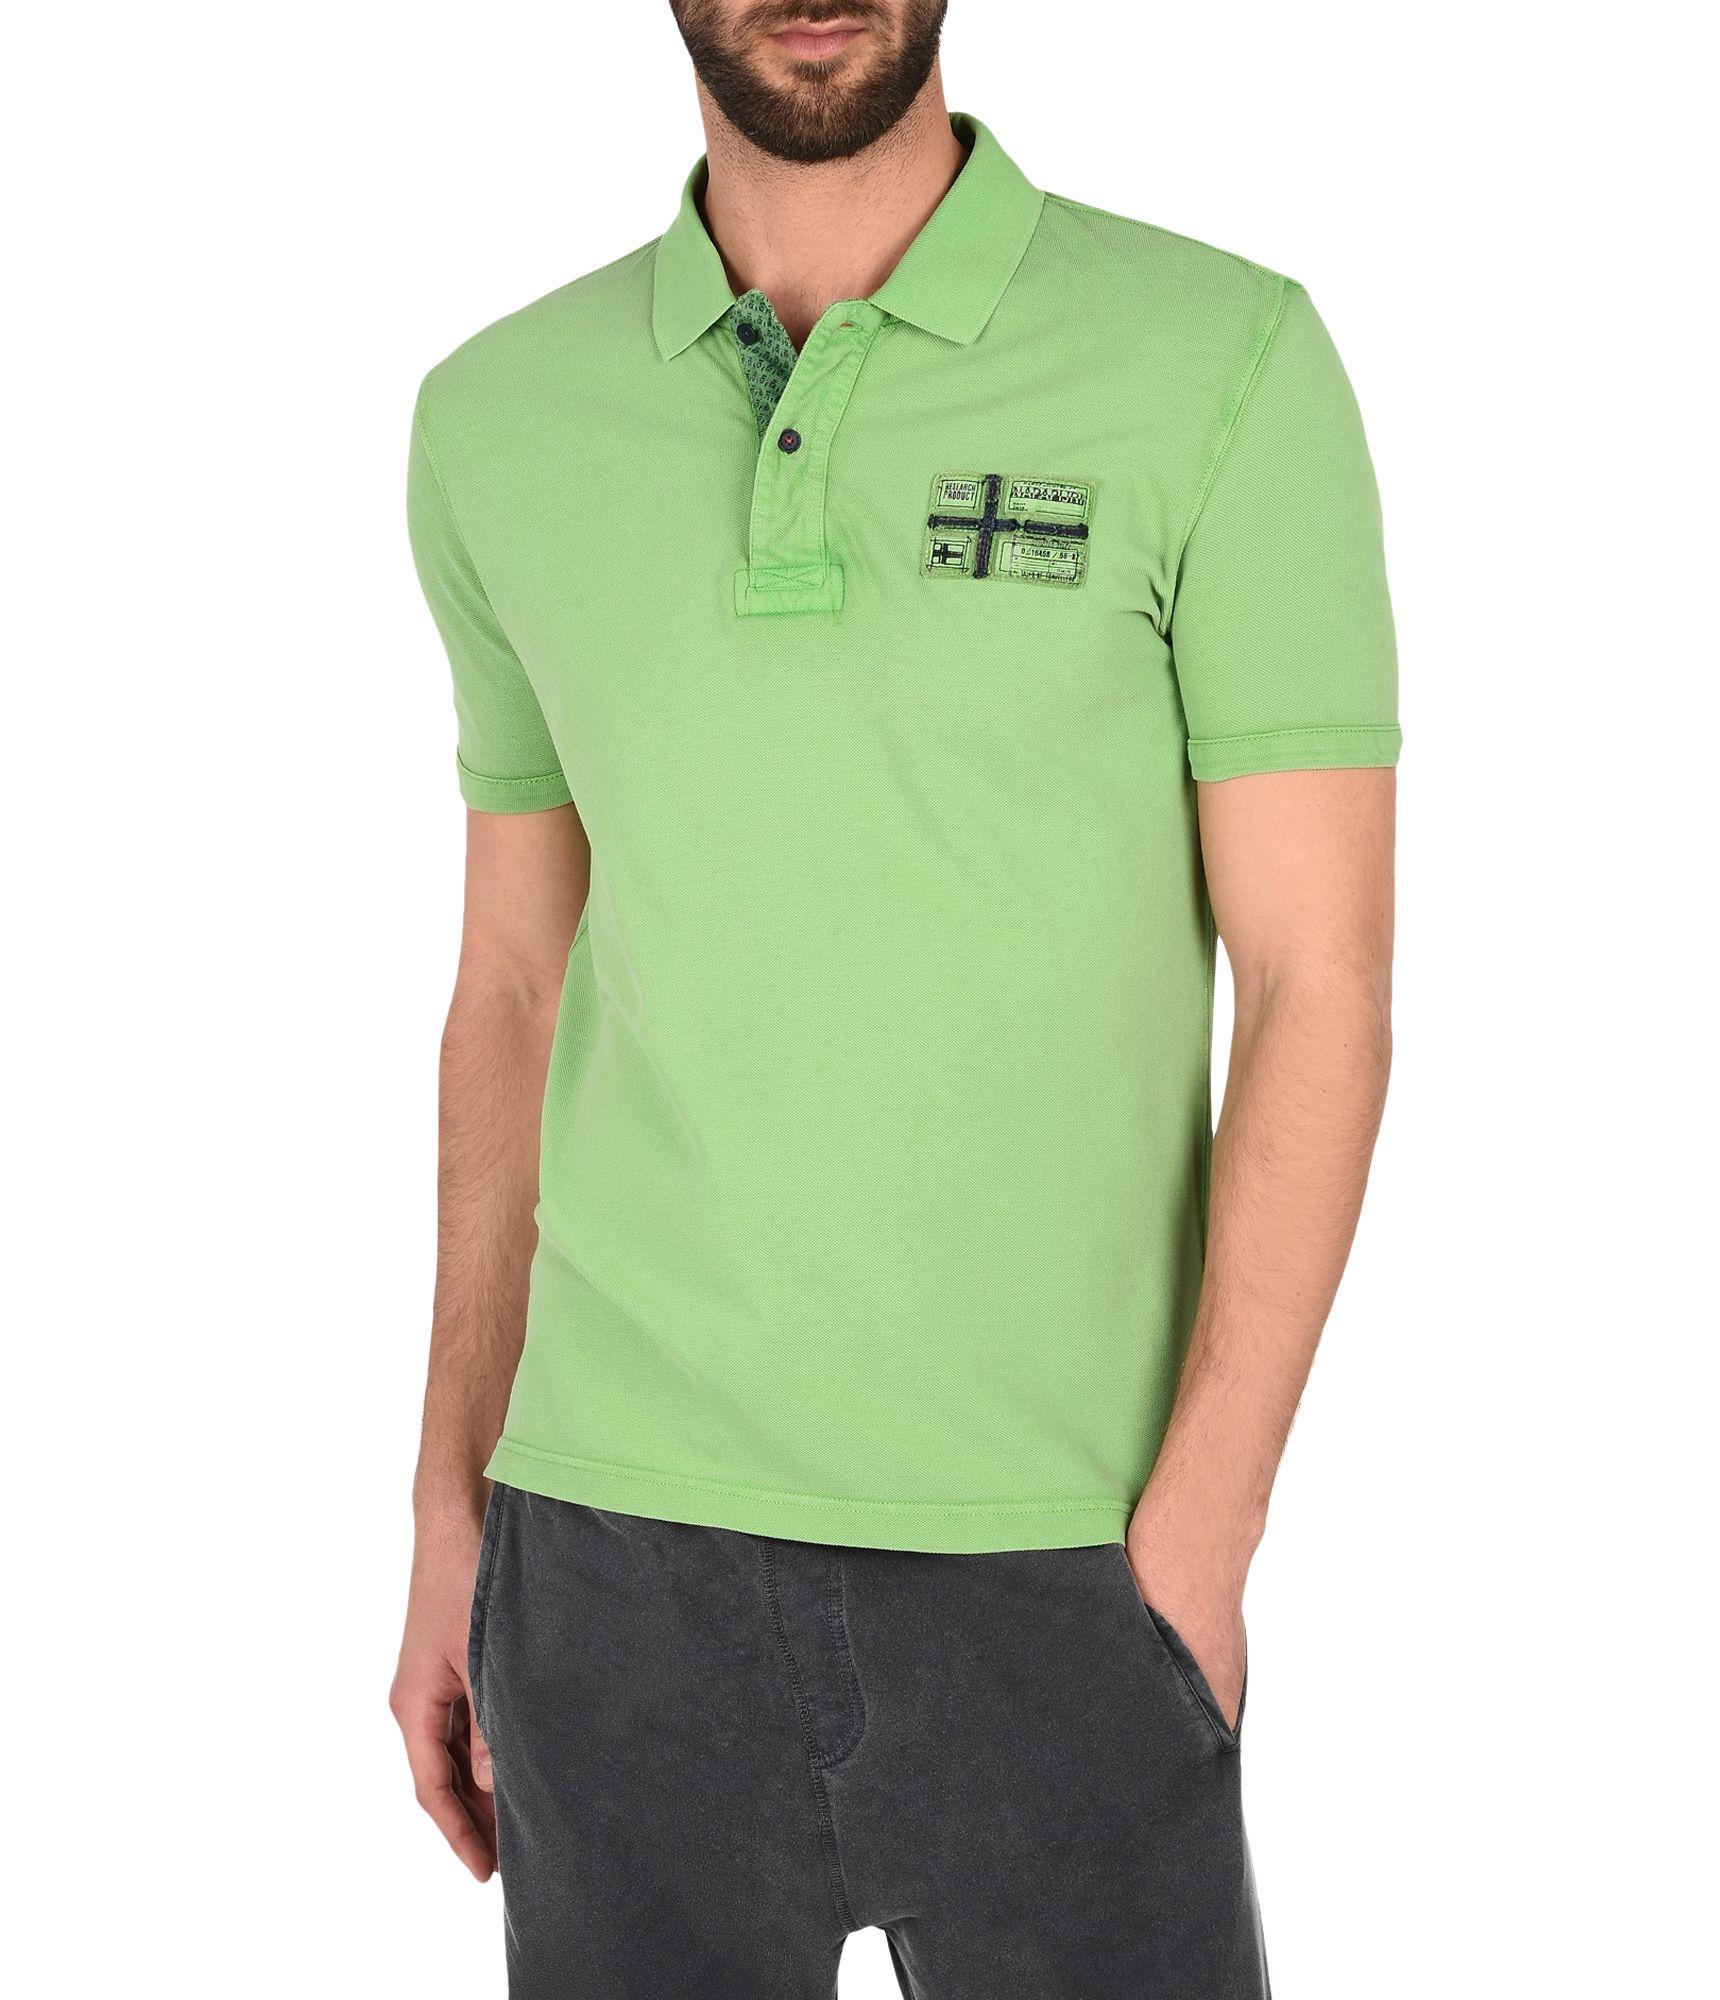 Artikel klicken und genauer betrachten! - Leichtes Polo-Shirt mit kurzen Ärmeln Vintage-Effektbehandlung Gerippter Kragen Knopfleiste Knopfleiste aus Kontrastmaterial Seitenschlitze in Kontrastfarbe Grafikelemente auf der Brust und am Saum Signaturdetail | im Online Shop kaufen